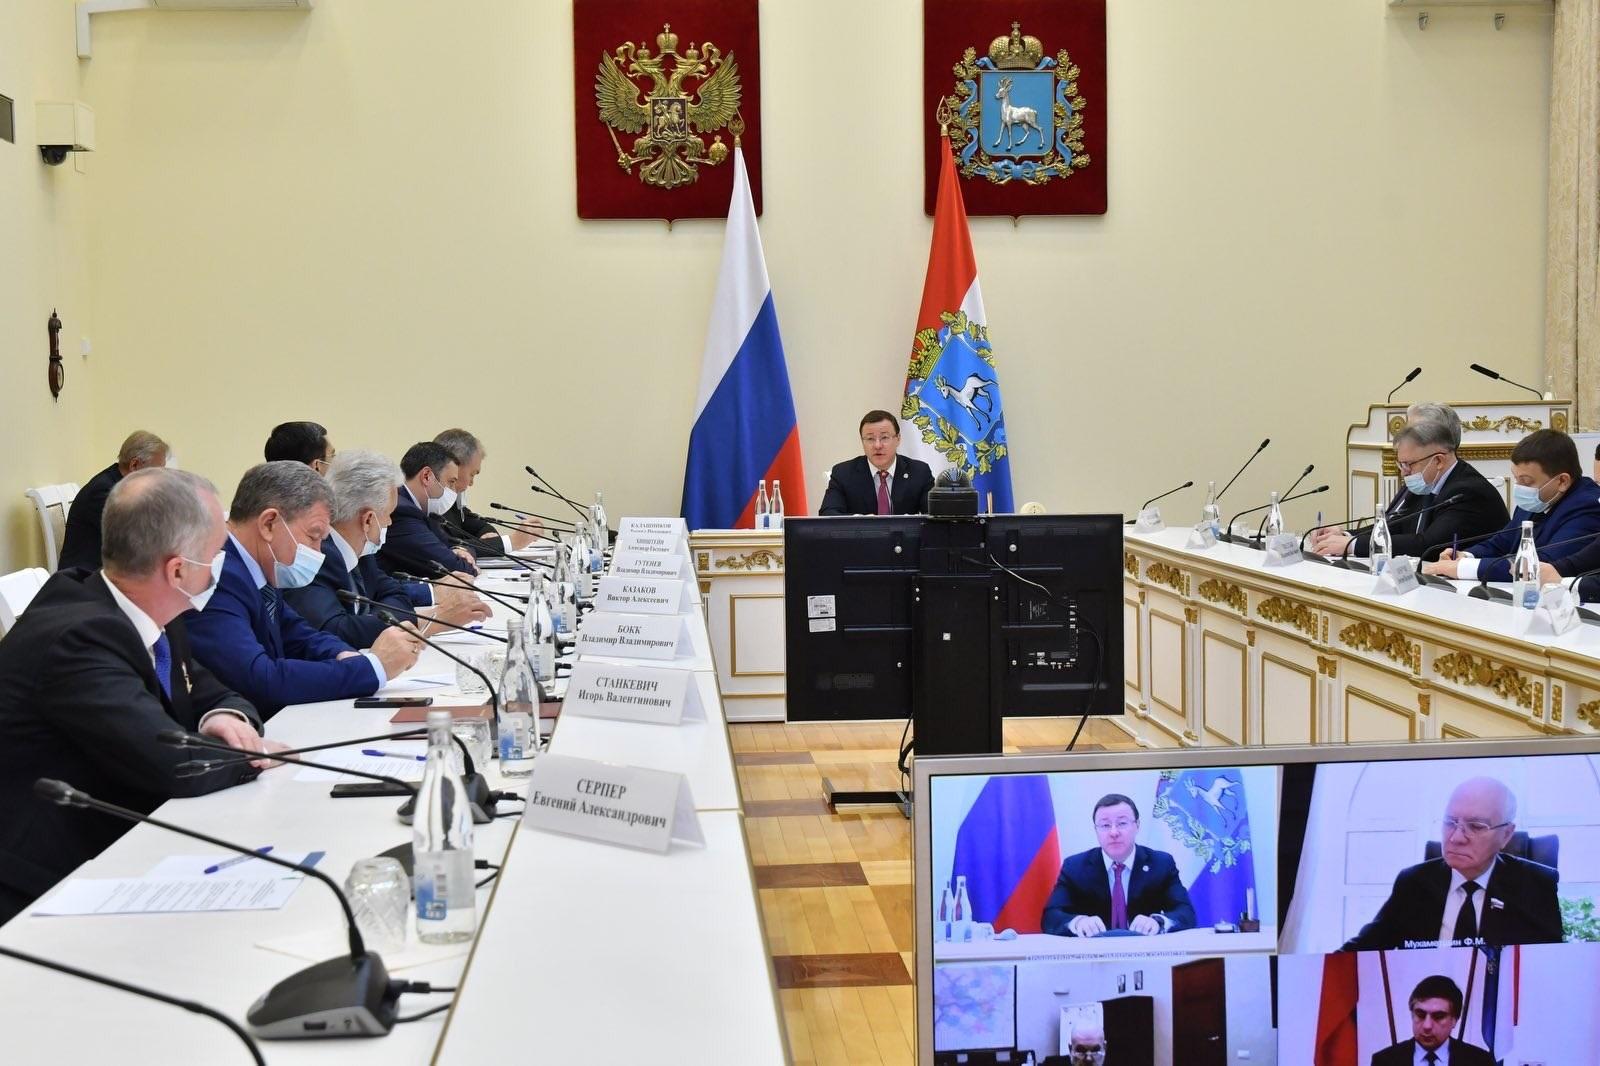 Самарская область подготовит важные вопросы к Правительственному часу в Госдуме